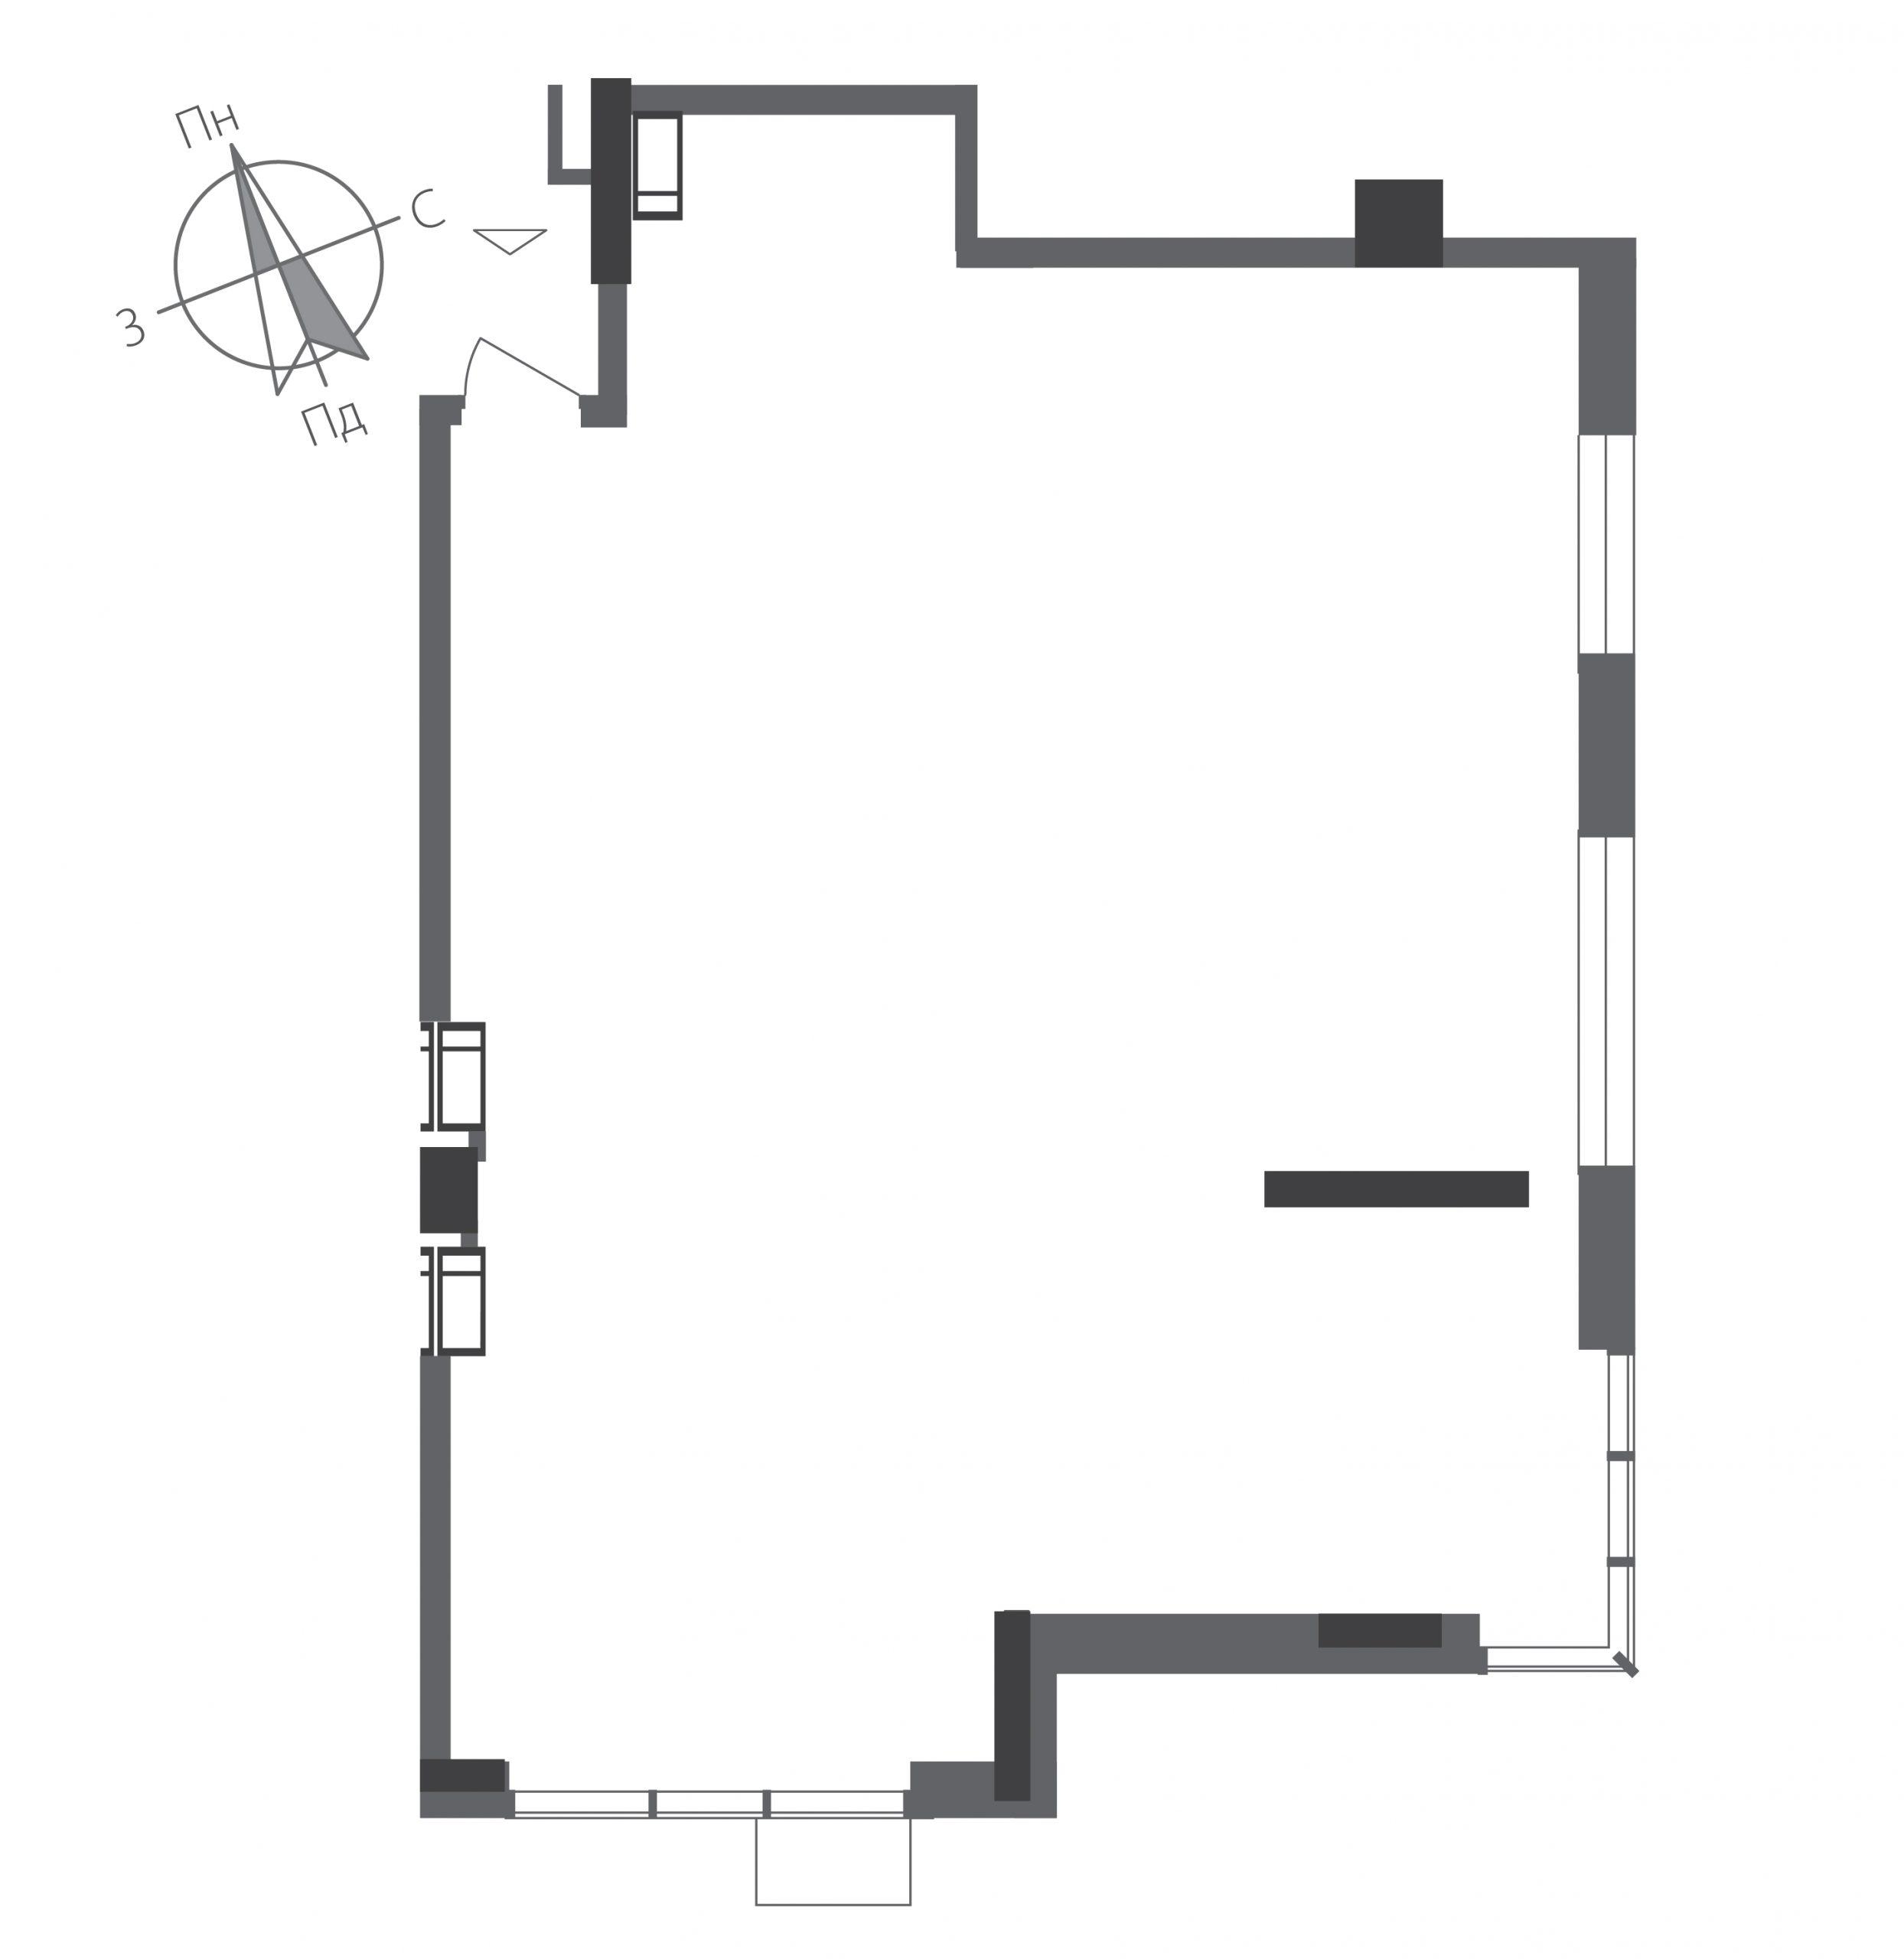 Номер квартиры №0602, Дом 9, Этаж 6, Полная площадь 106,90